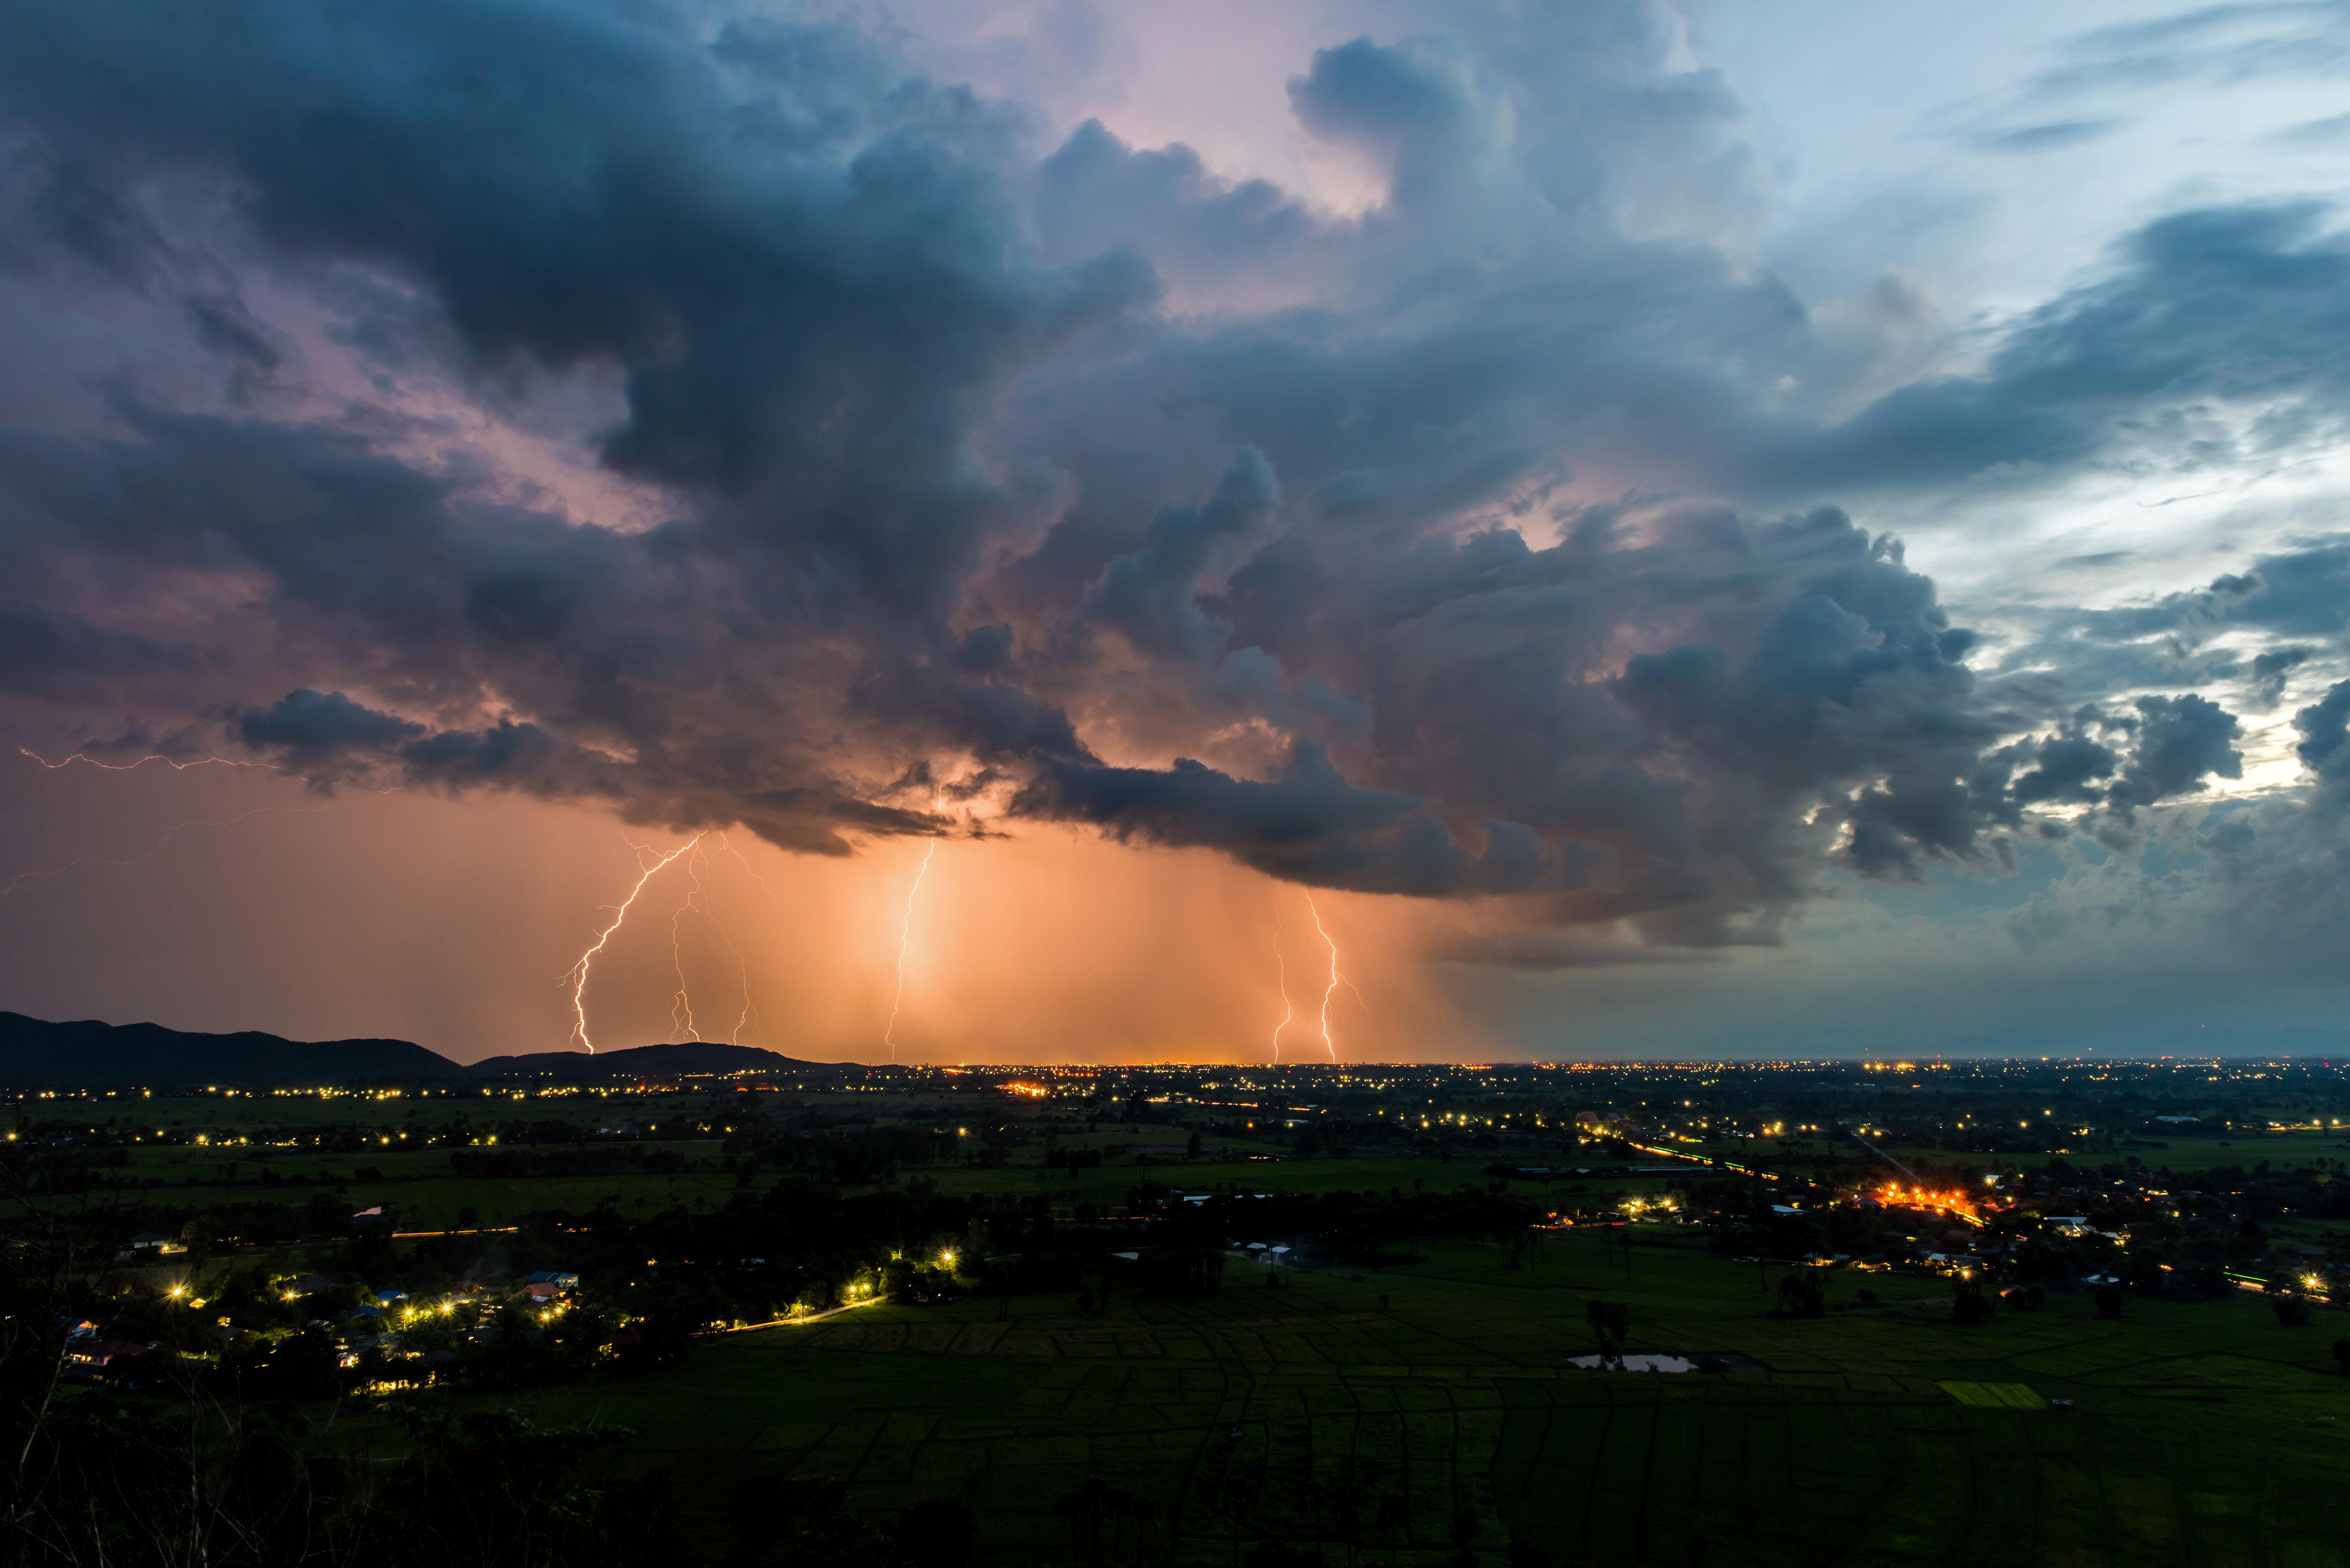 Meteo #azi 22 iulie: Vreme caniculară/ FURTUNI puternice în aproape toată ţara